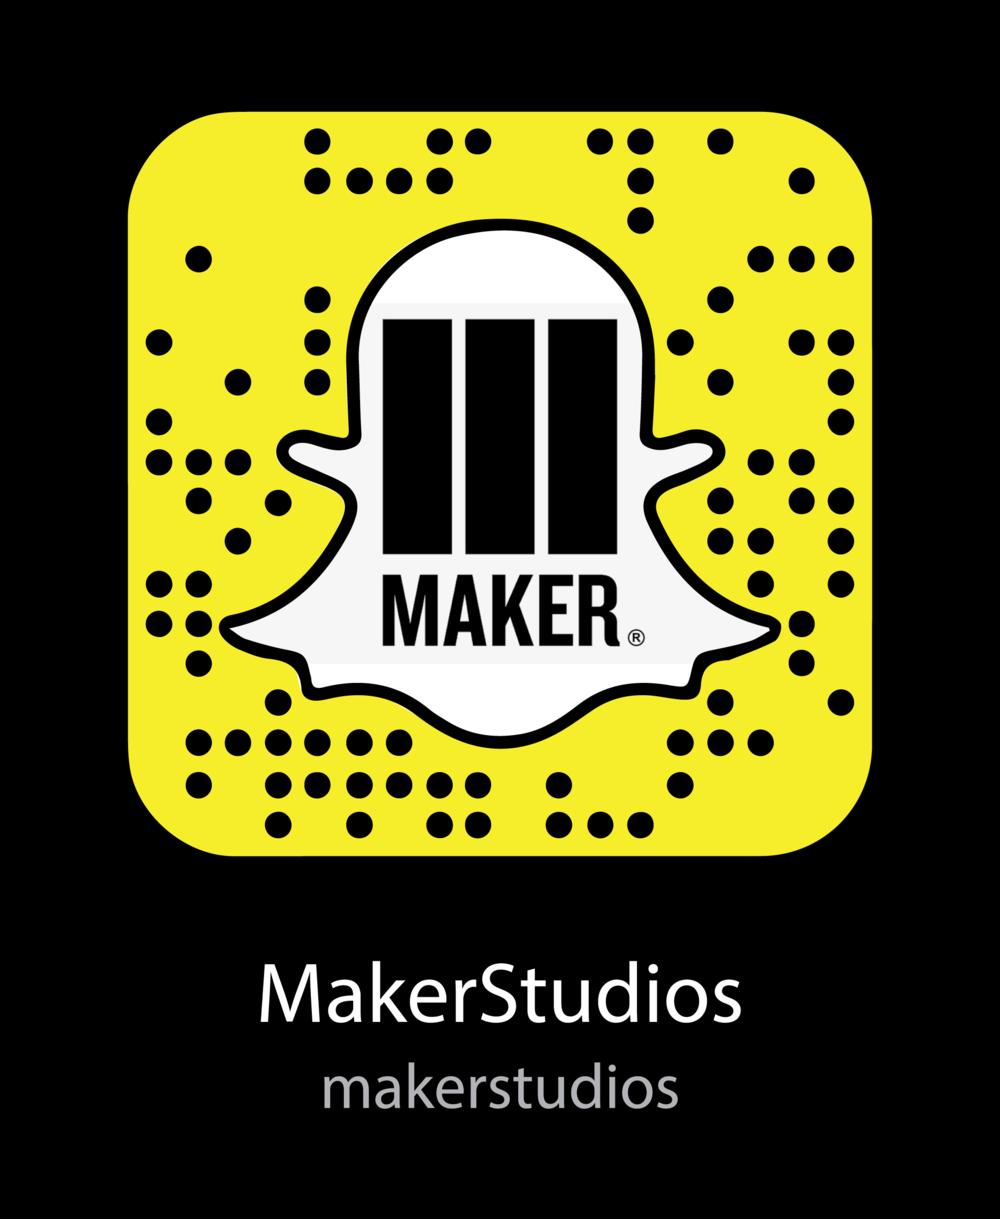 makerstudios-Brands-snapchat-snapcode.png